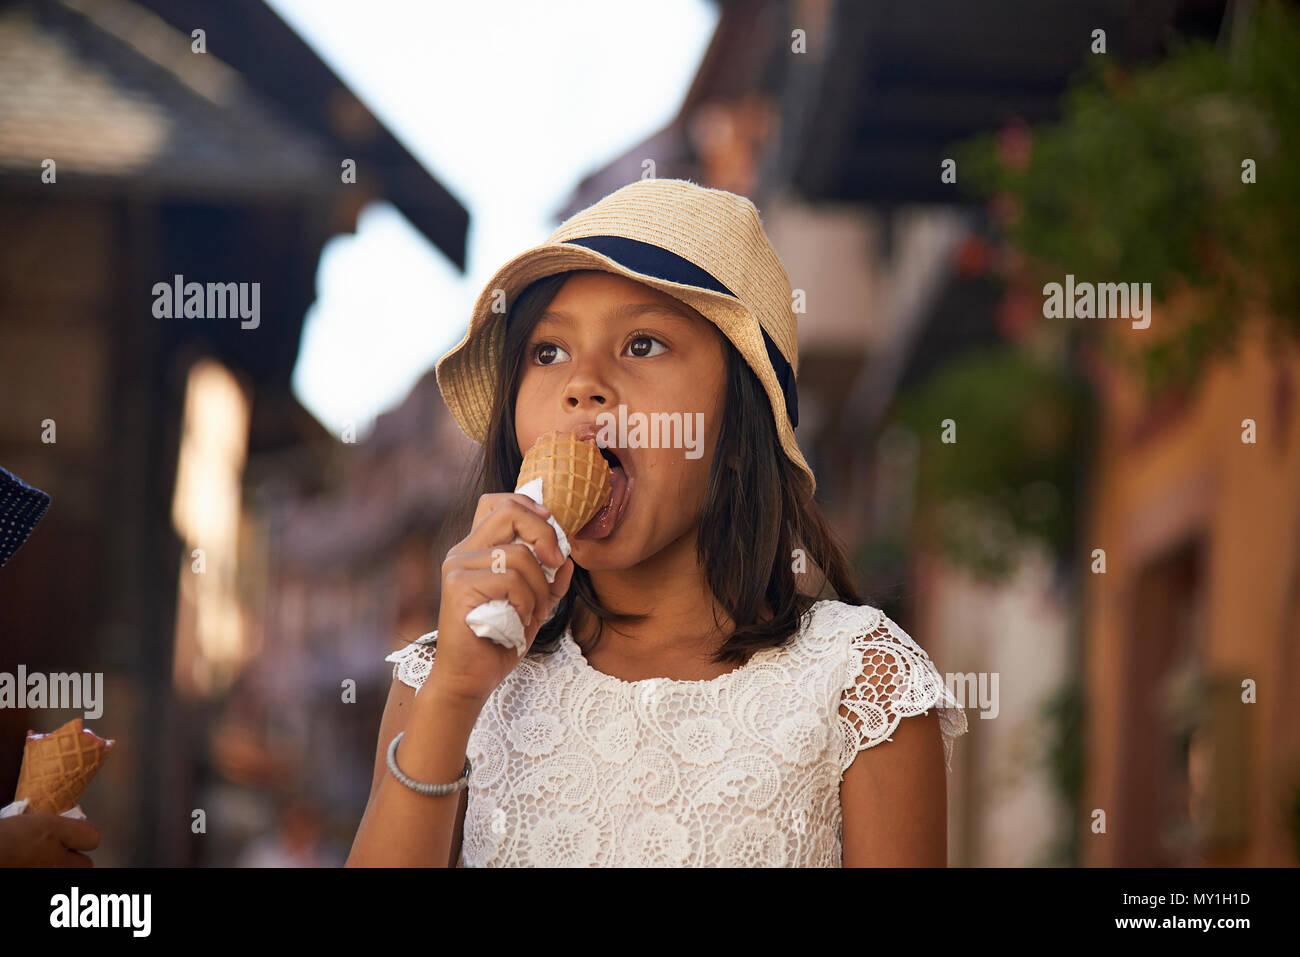 Peu cute Asian girl portant un chapeau de paille de manger des glaces au cours de vacances dans la région Alsace dans le soleil d'été sur une chaude journée Photo Stock